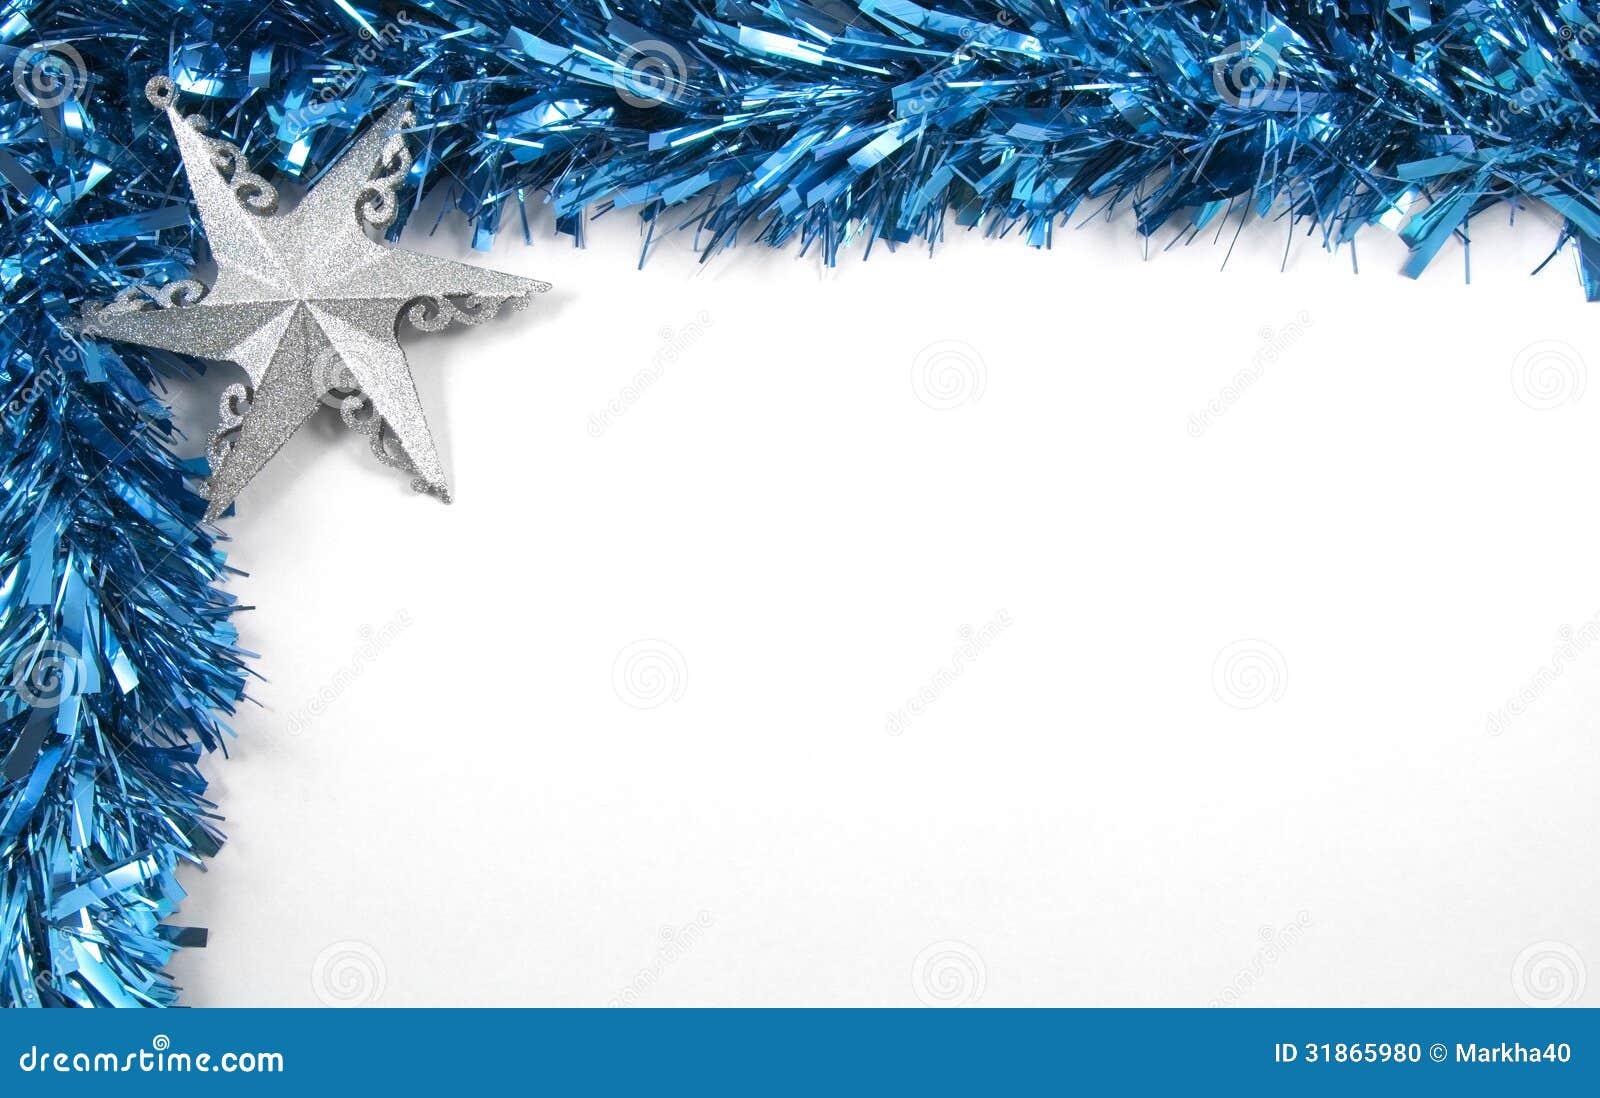 Decoraciones Azules De La Navidad Malla Y